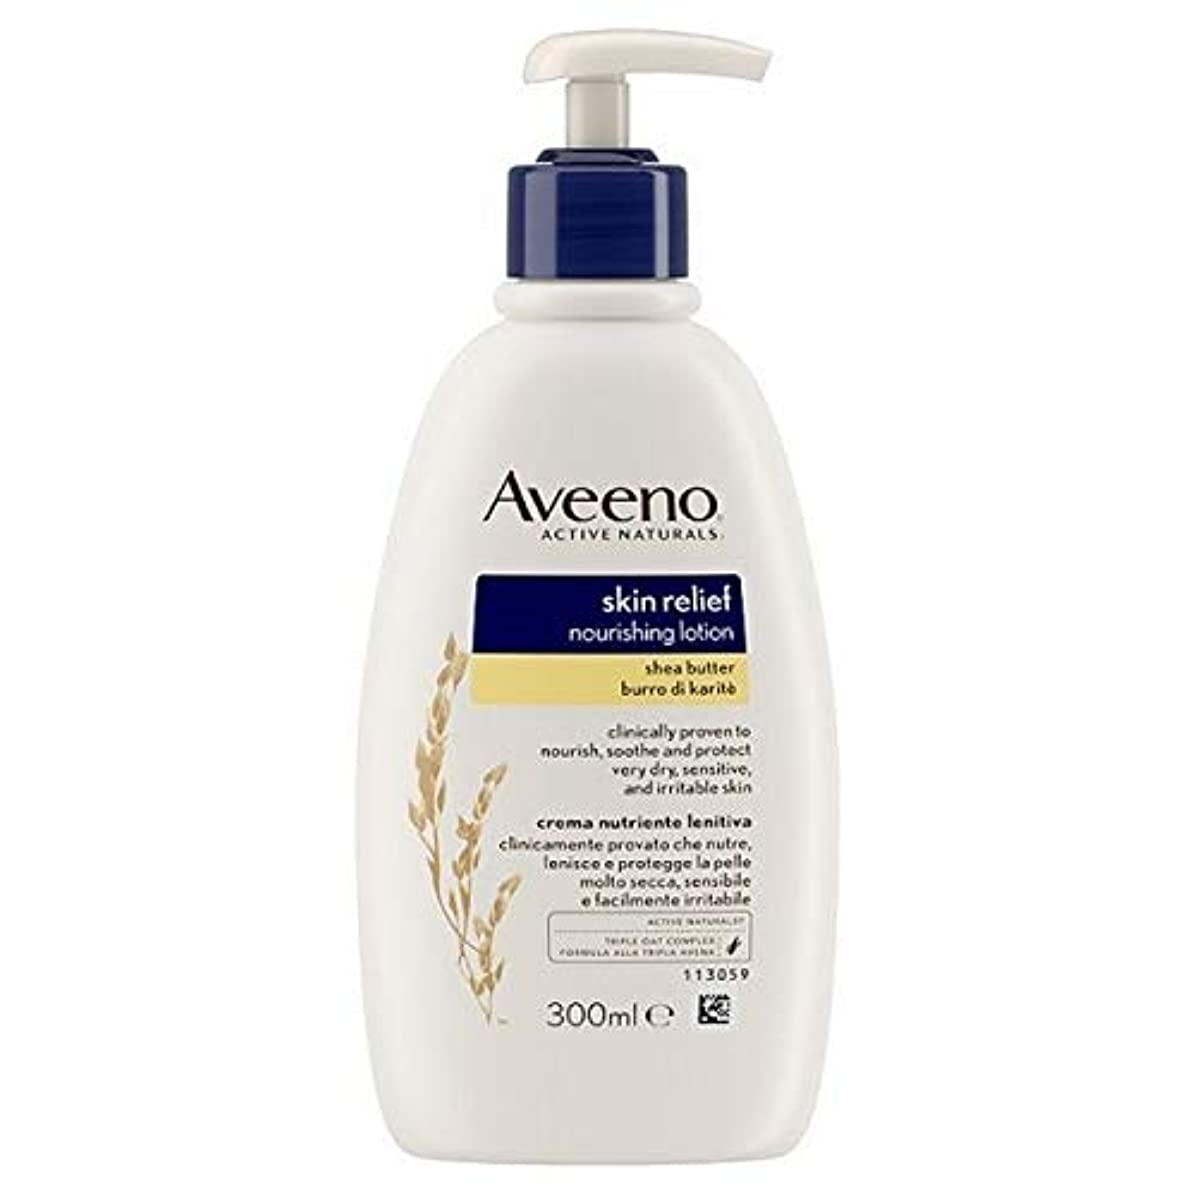 オーチャード発見火炎[Aveeno] Aveenoスキンリリーフローション300ミリリットル - Aveeno Skin Relief Lotion 300ml [並行輸入品]